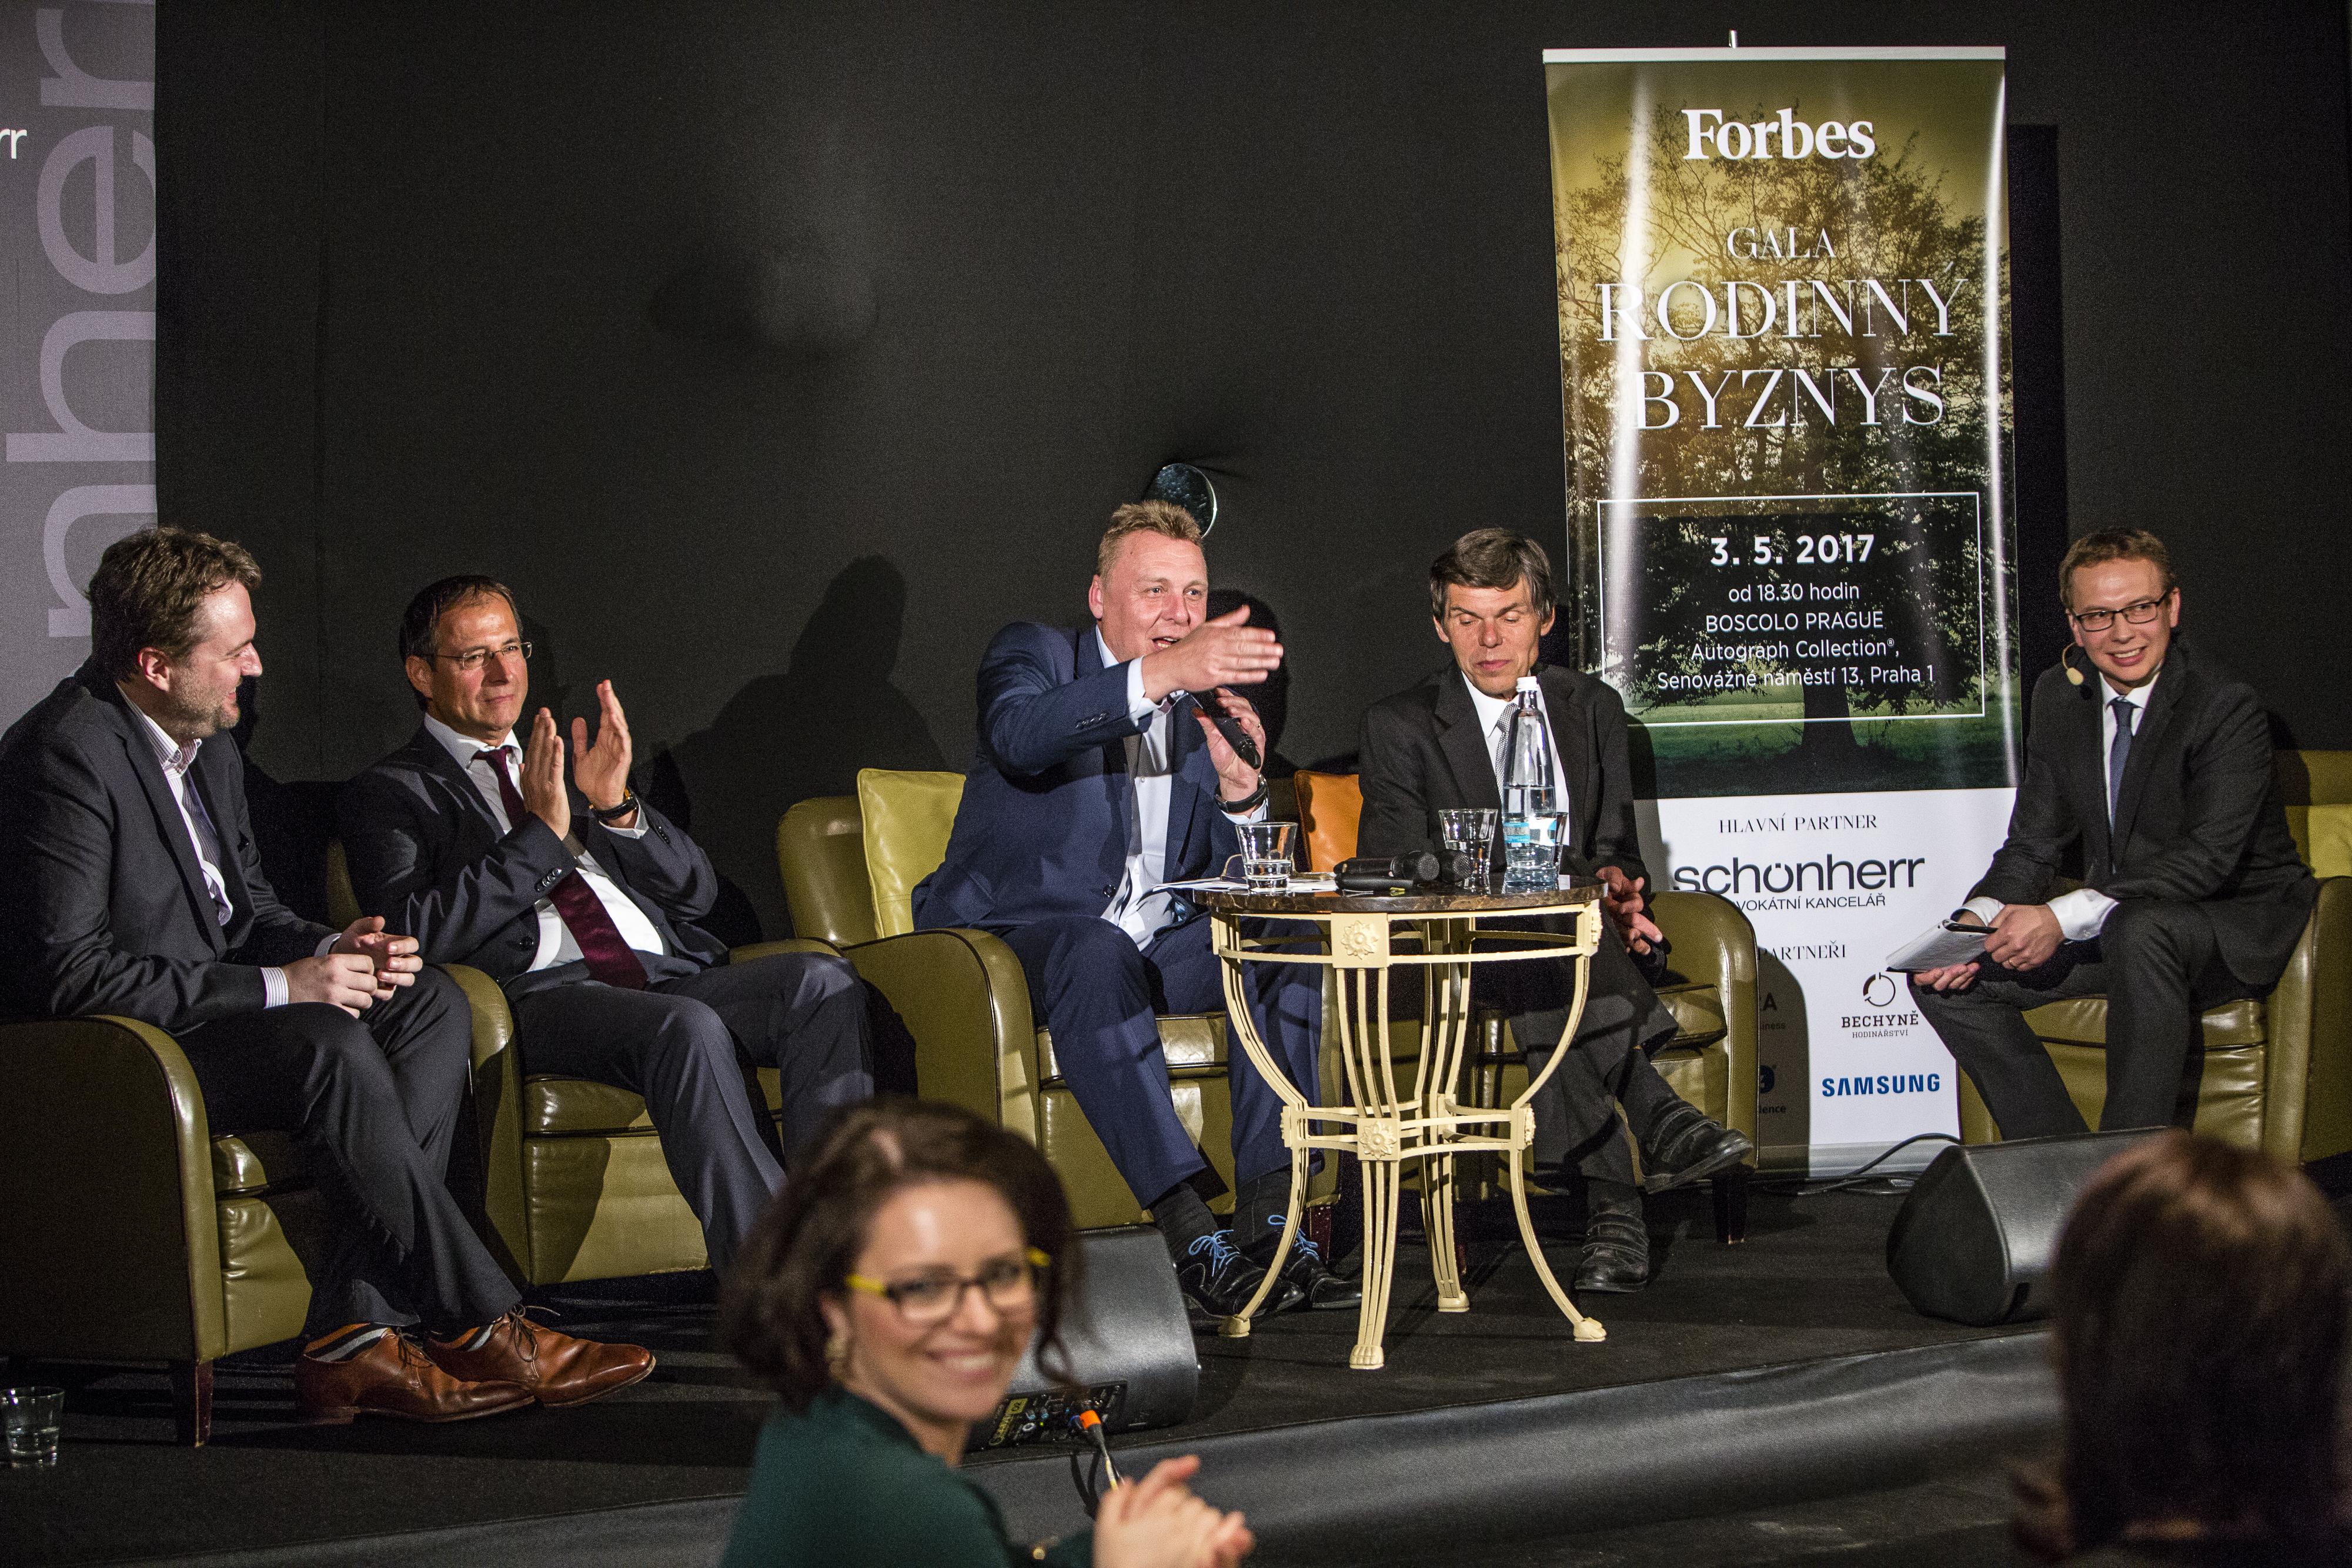 O tom jak v Česku vybudovat světovou firmu s globálním brandem diskutovali Martin Žufánek (lihovar Žufánek), Martin Kubánek (Schönherr), Pavel Juříček (Brano Group) a Dalibor Dědek (Jablotron Group), zleva. Moderuje redaktor Forbesu Jaroslav Mašek.